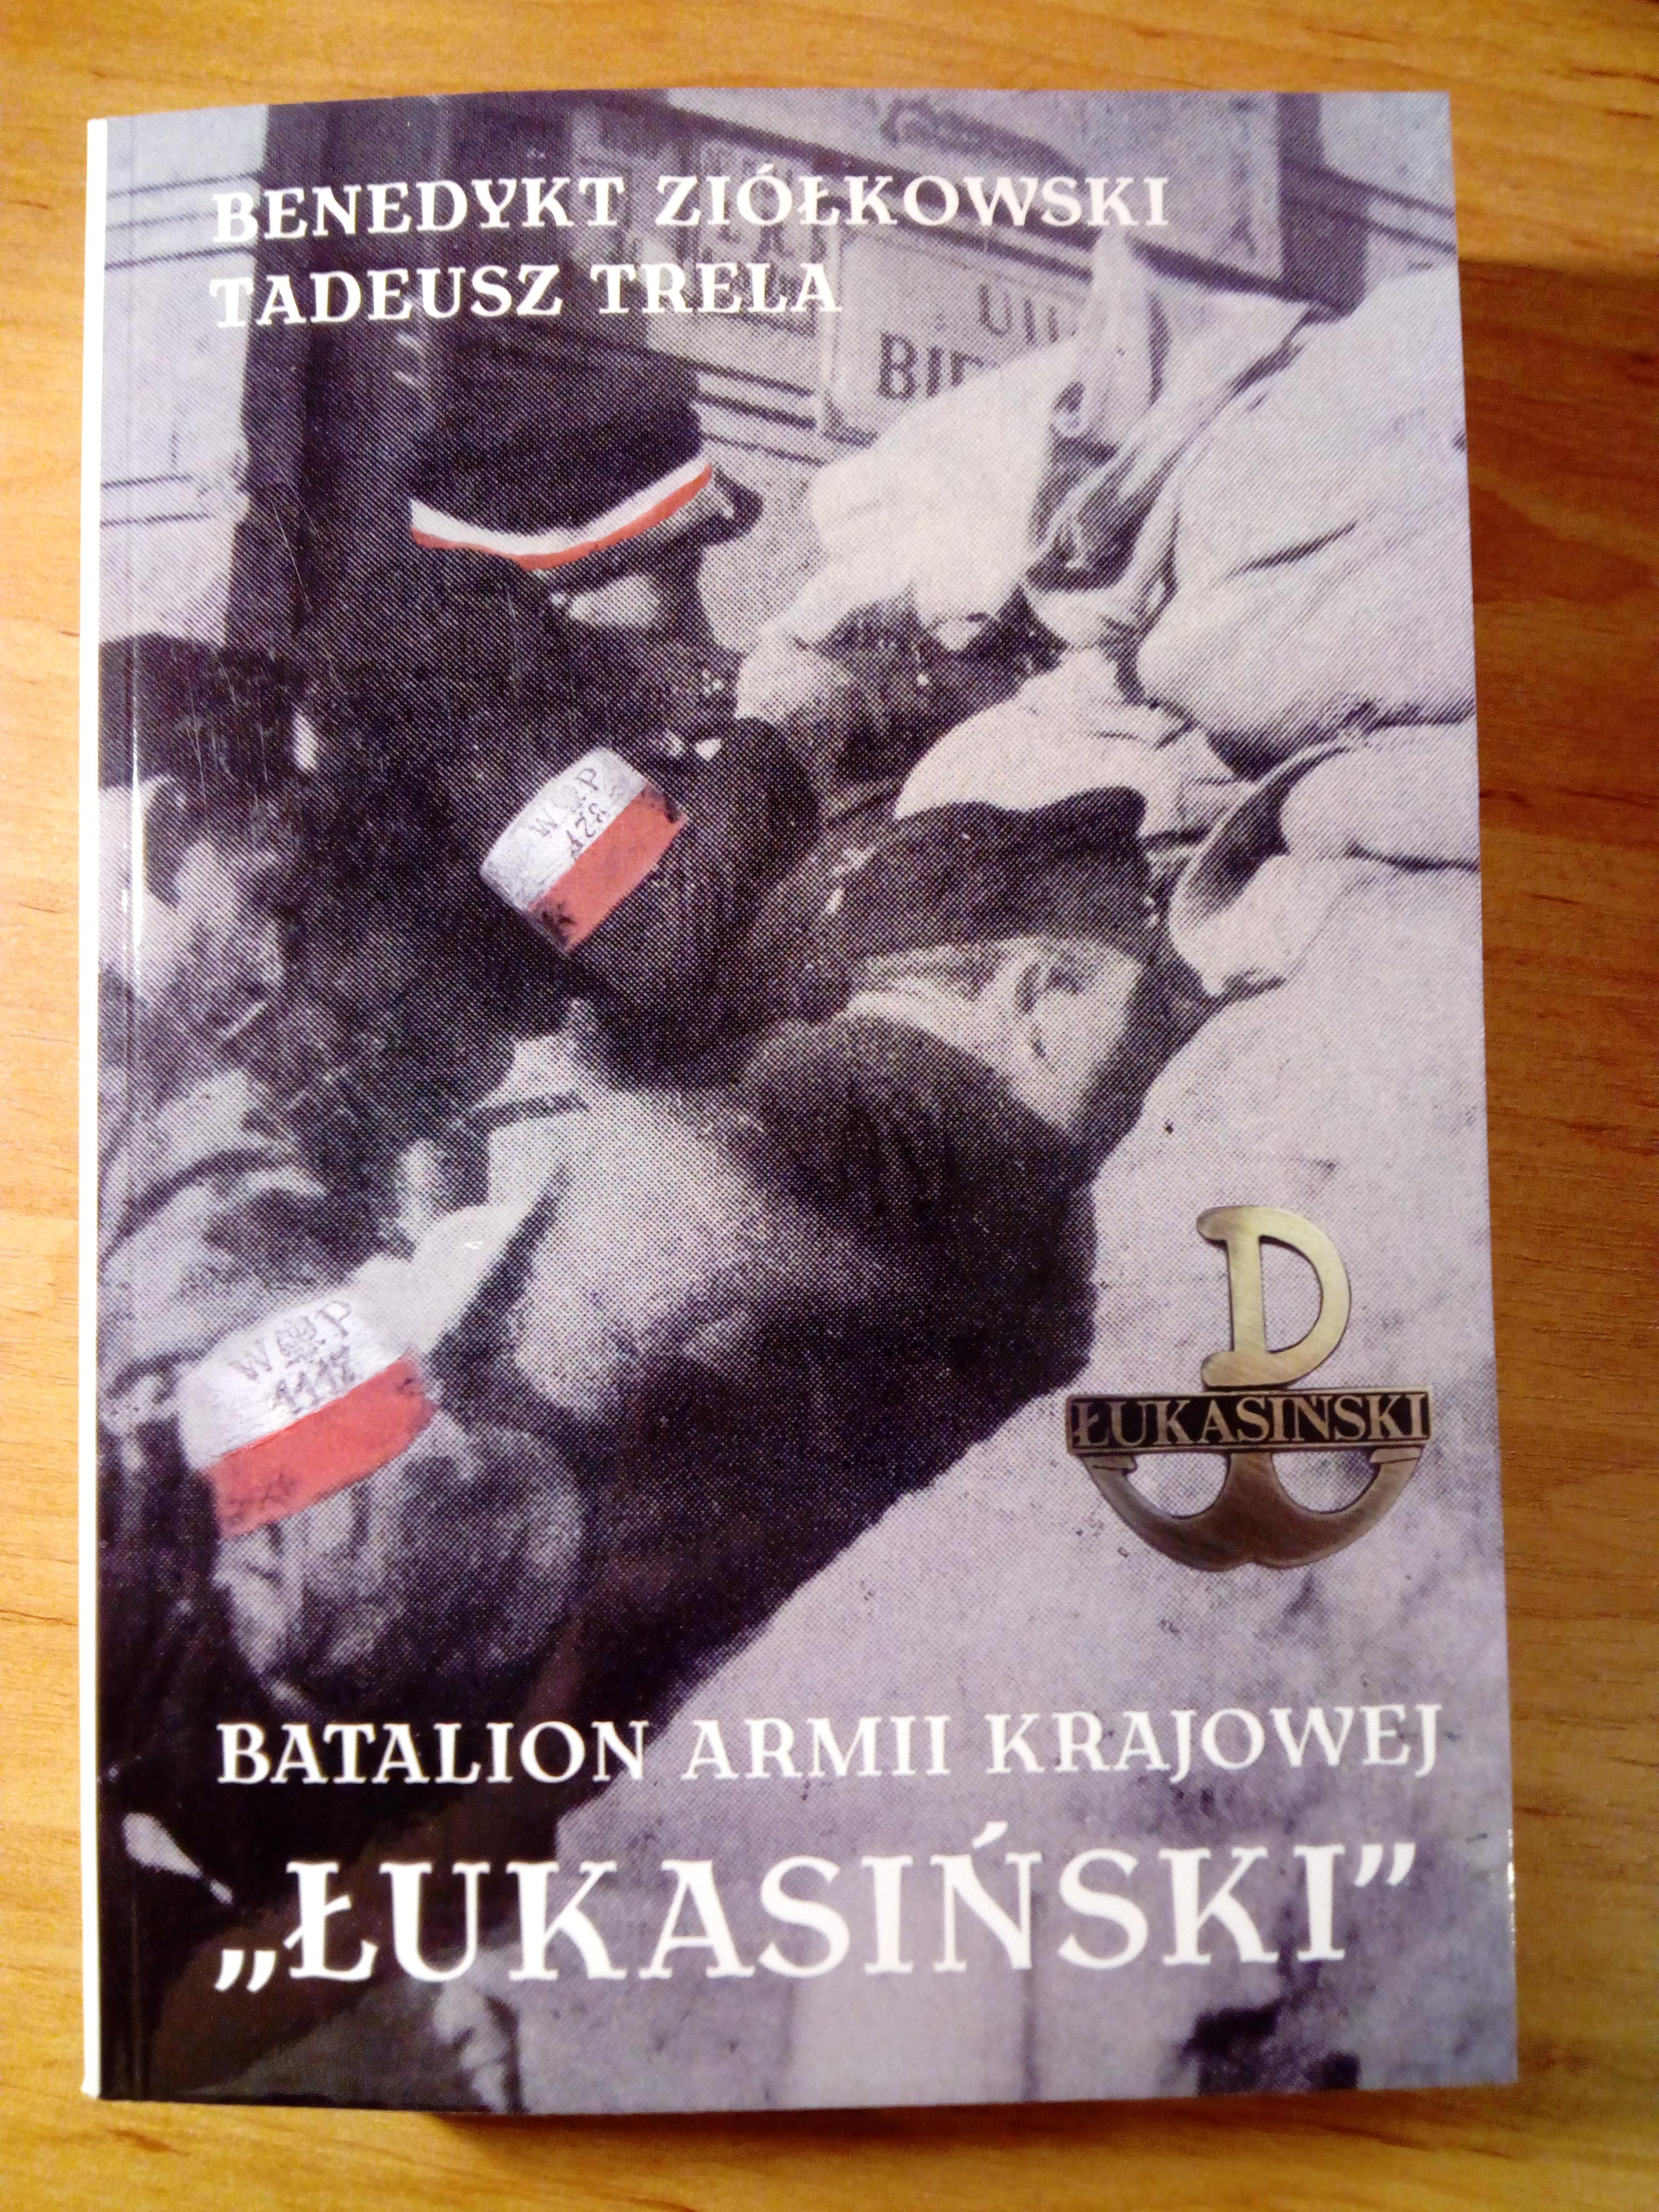 """Batalion Armii Krajowej """"Łukasiński"""" broszura (B.Ziółkowski Tadeusz Trela)"""